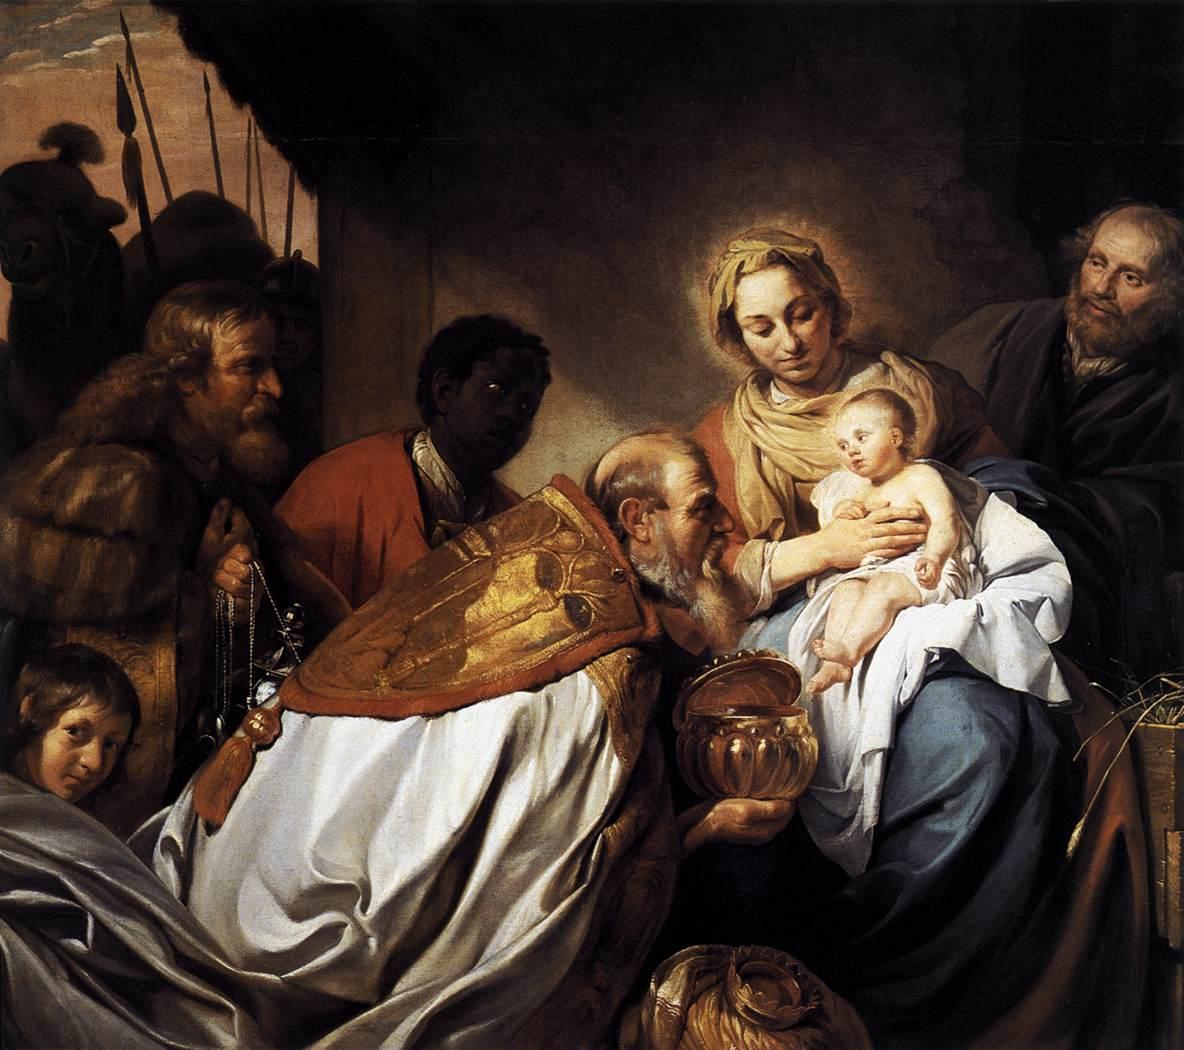 Celebrating Epiphany: Prayers & Blessings